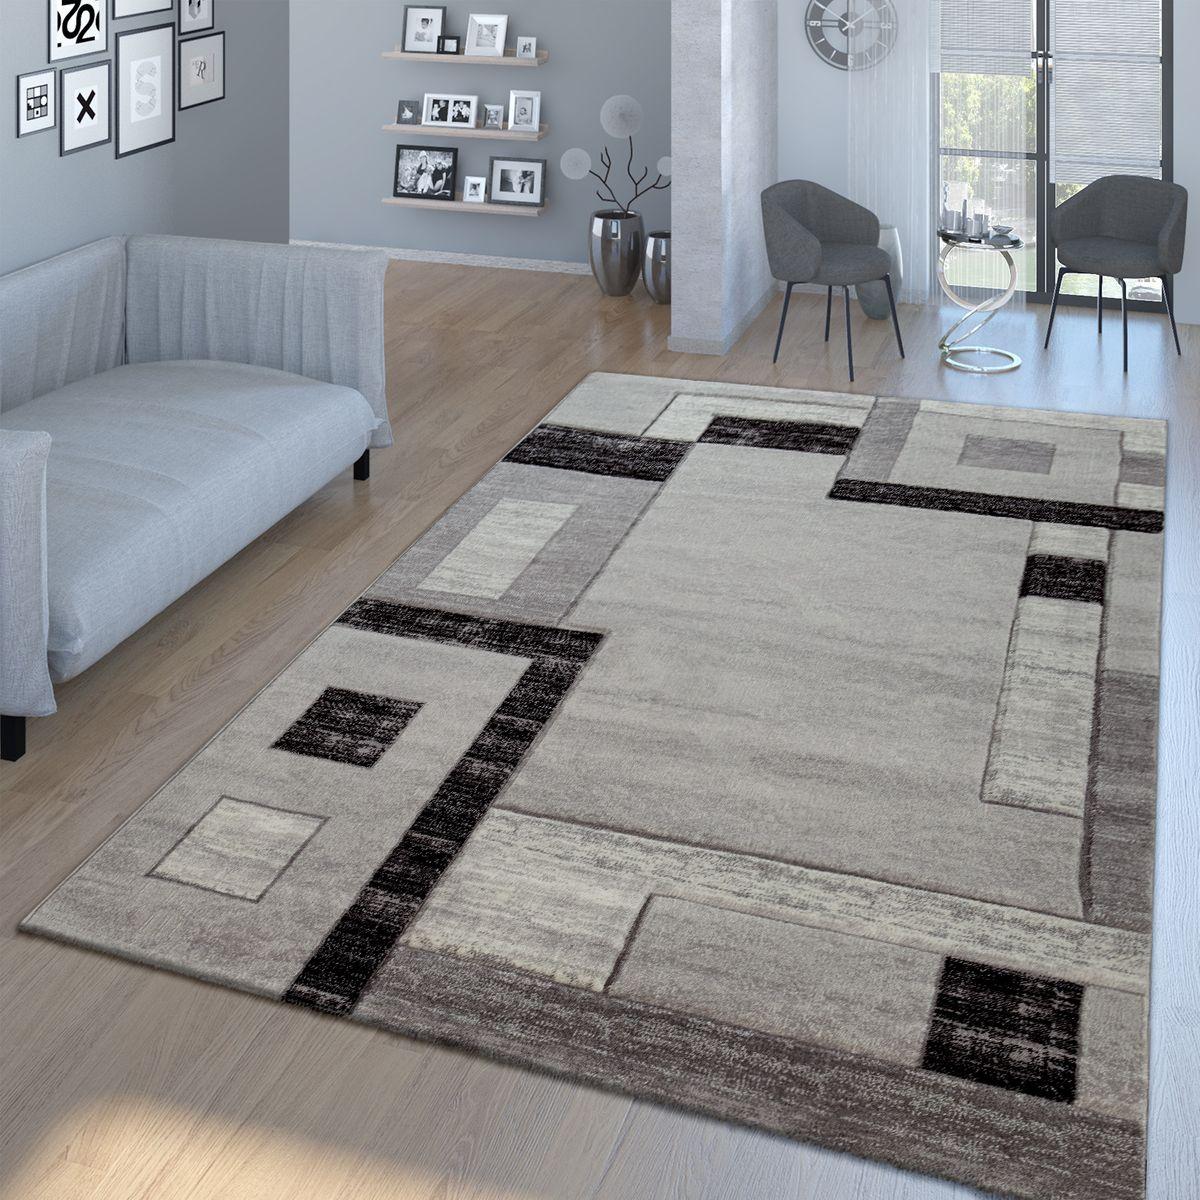 Full Size of Teppich Wohnzimmer Unterm Tisch Wohnzimmer Teppich Oval Wohnzimmer Teppich 3d Wohnzimmer Teppich Marmor Wohnzimmer Wohnzimmer Teppich